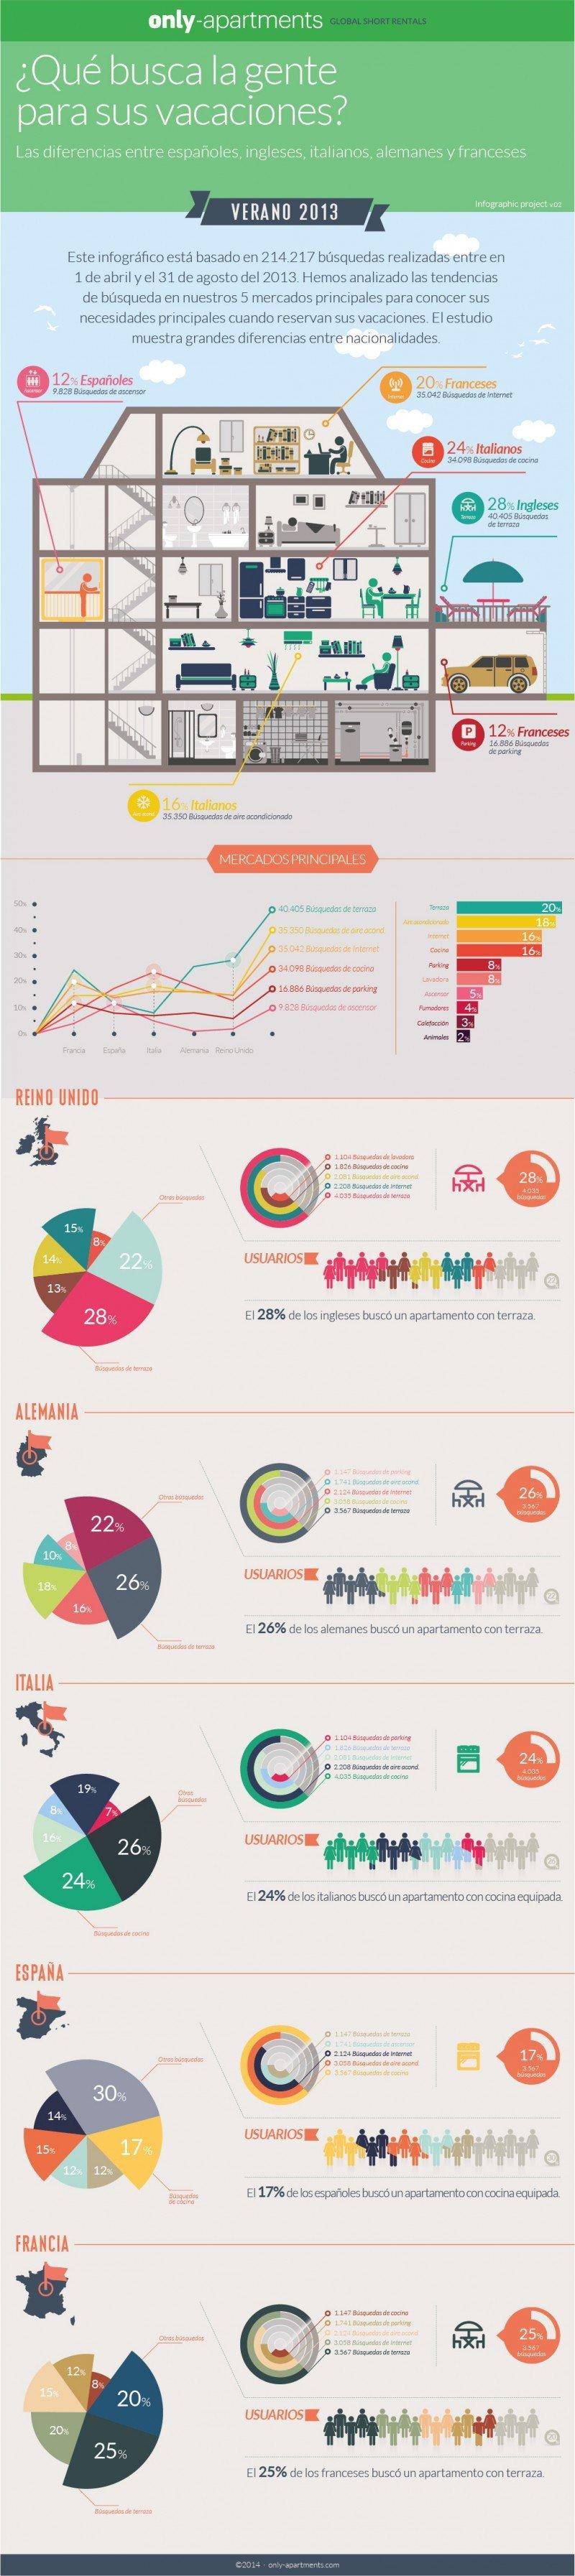 Infografía de las tendencias de búsqueda de los cinco principales mercados europeos.